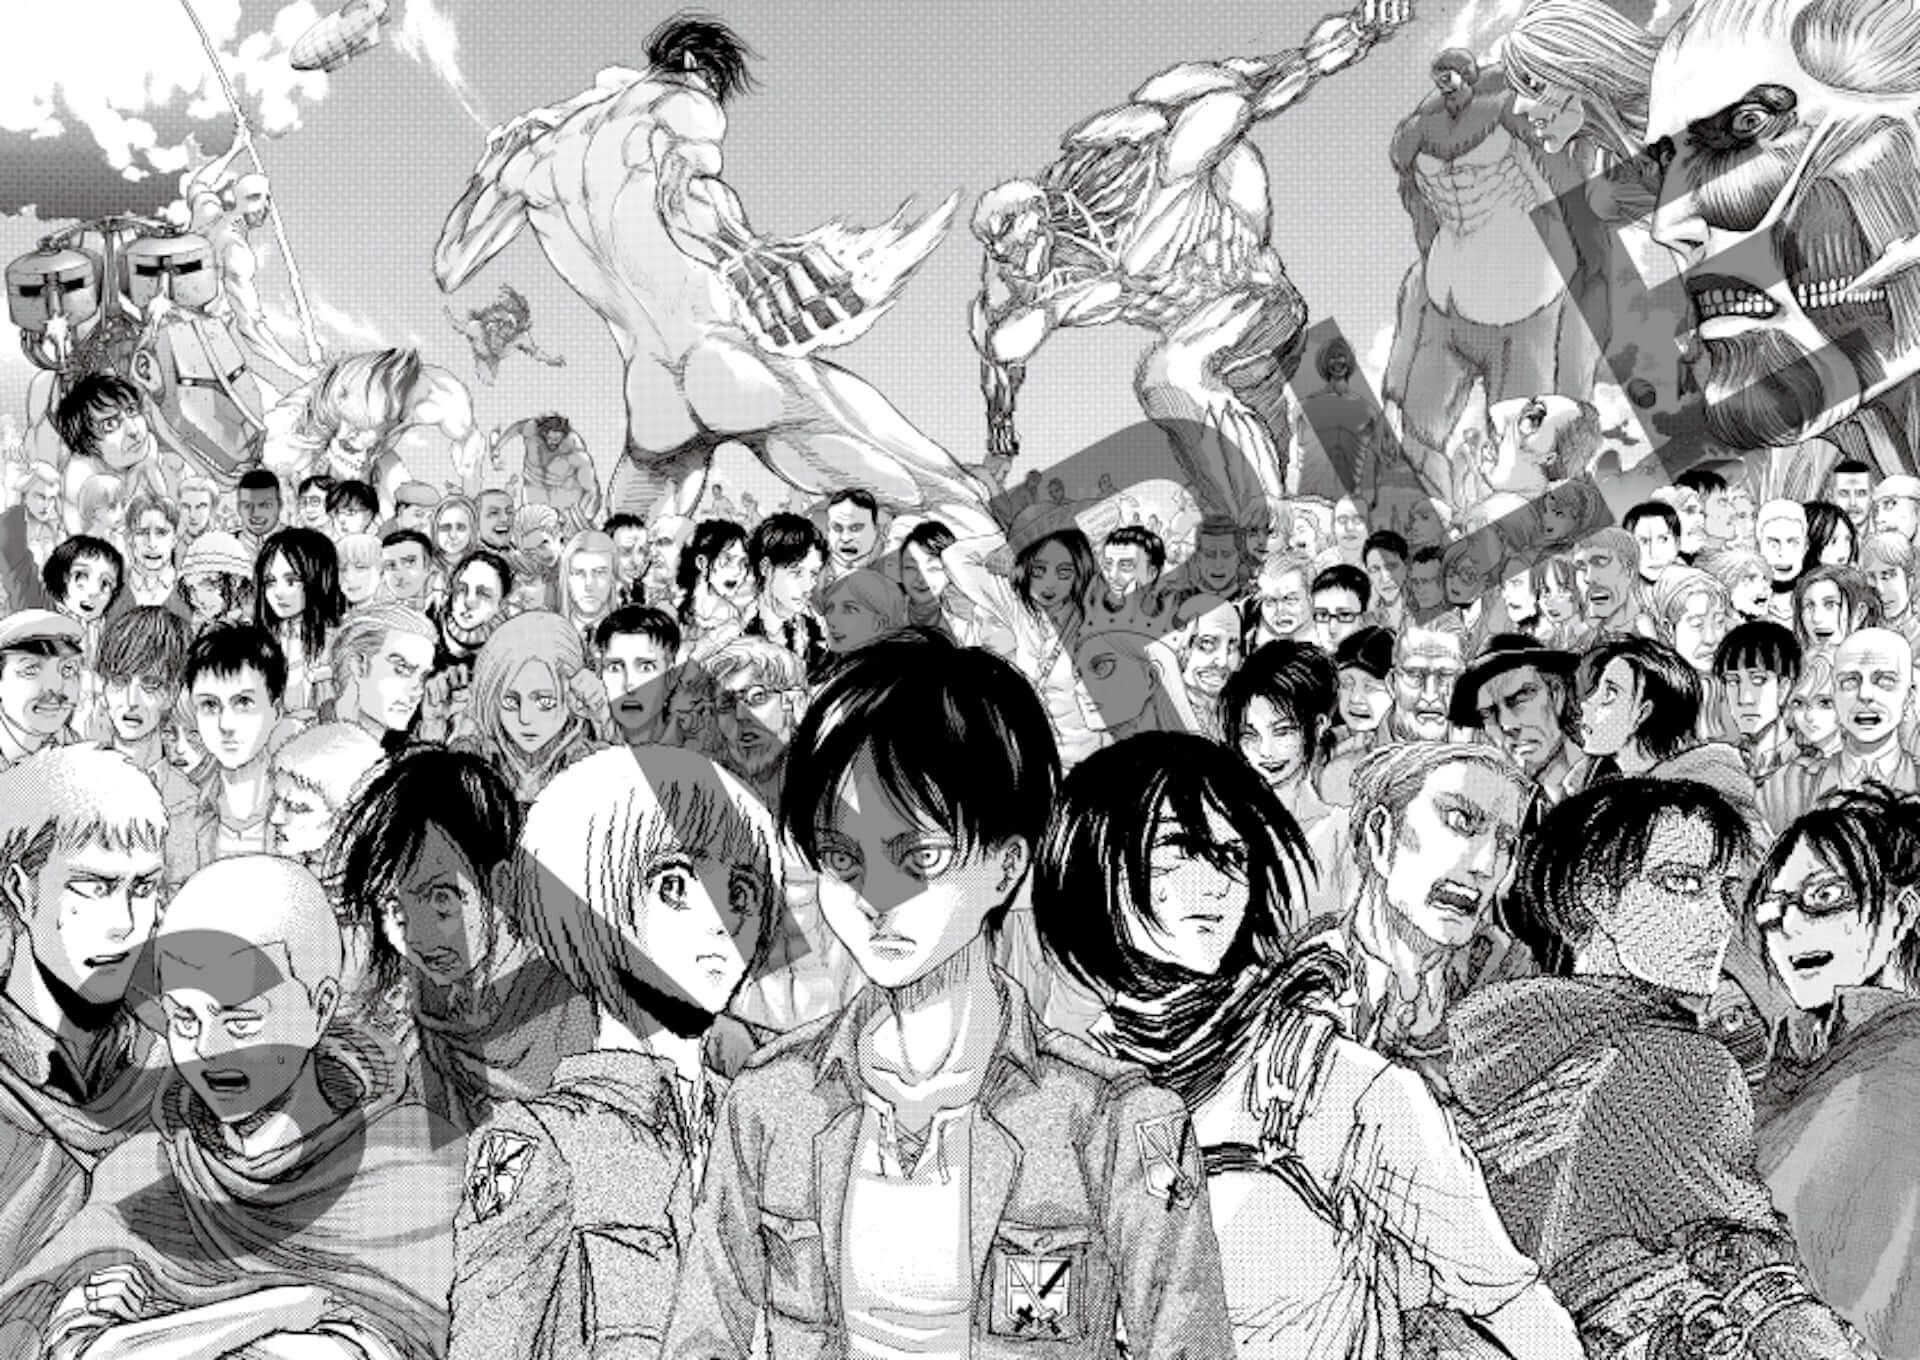 <進撃の巨人展FINAL>まもなく終了!『進撃の巨人』連載10周年記念祭が開催決定|10周年記念ビジュアルも公開 art190903_shingekinokyojin_10_main-1920x1360